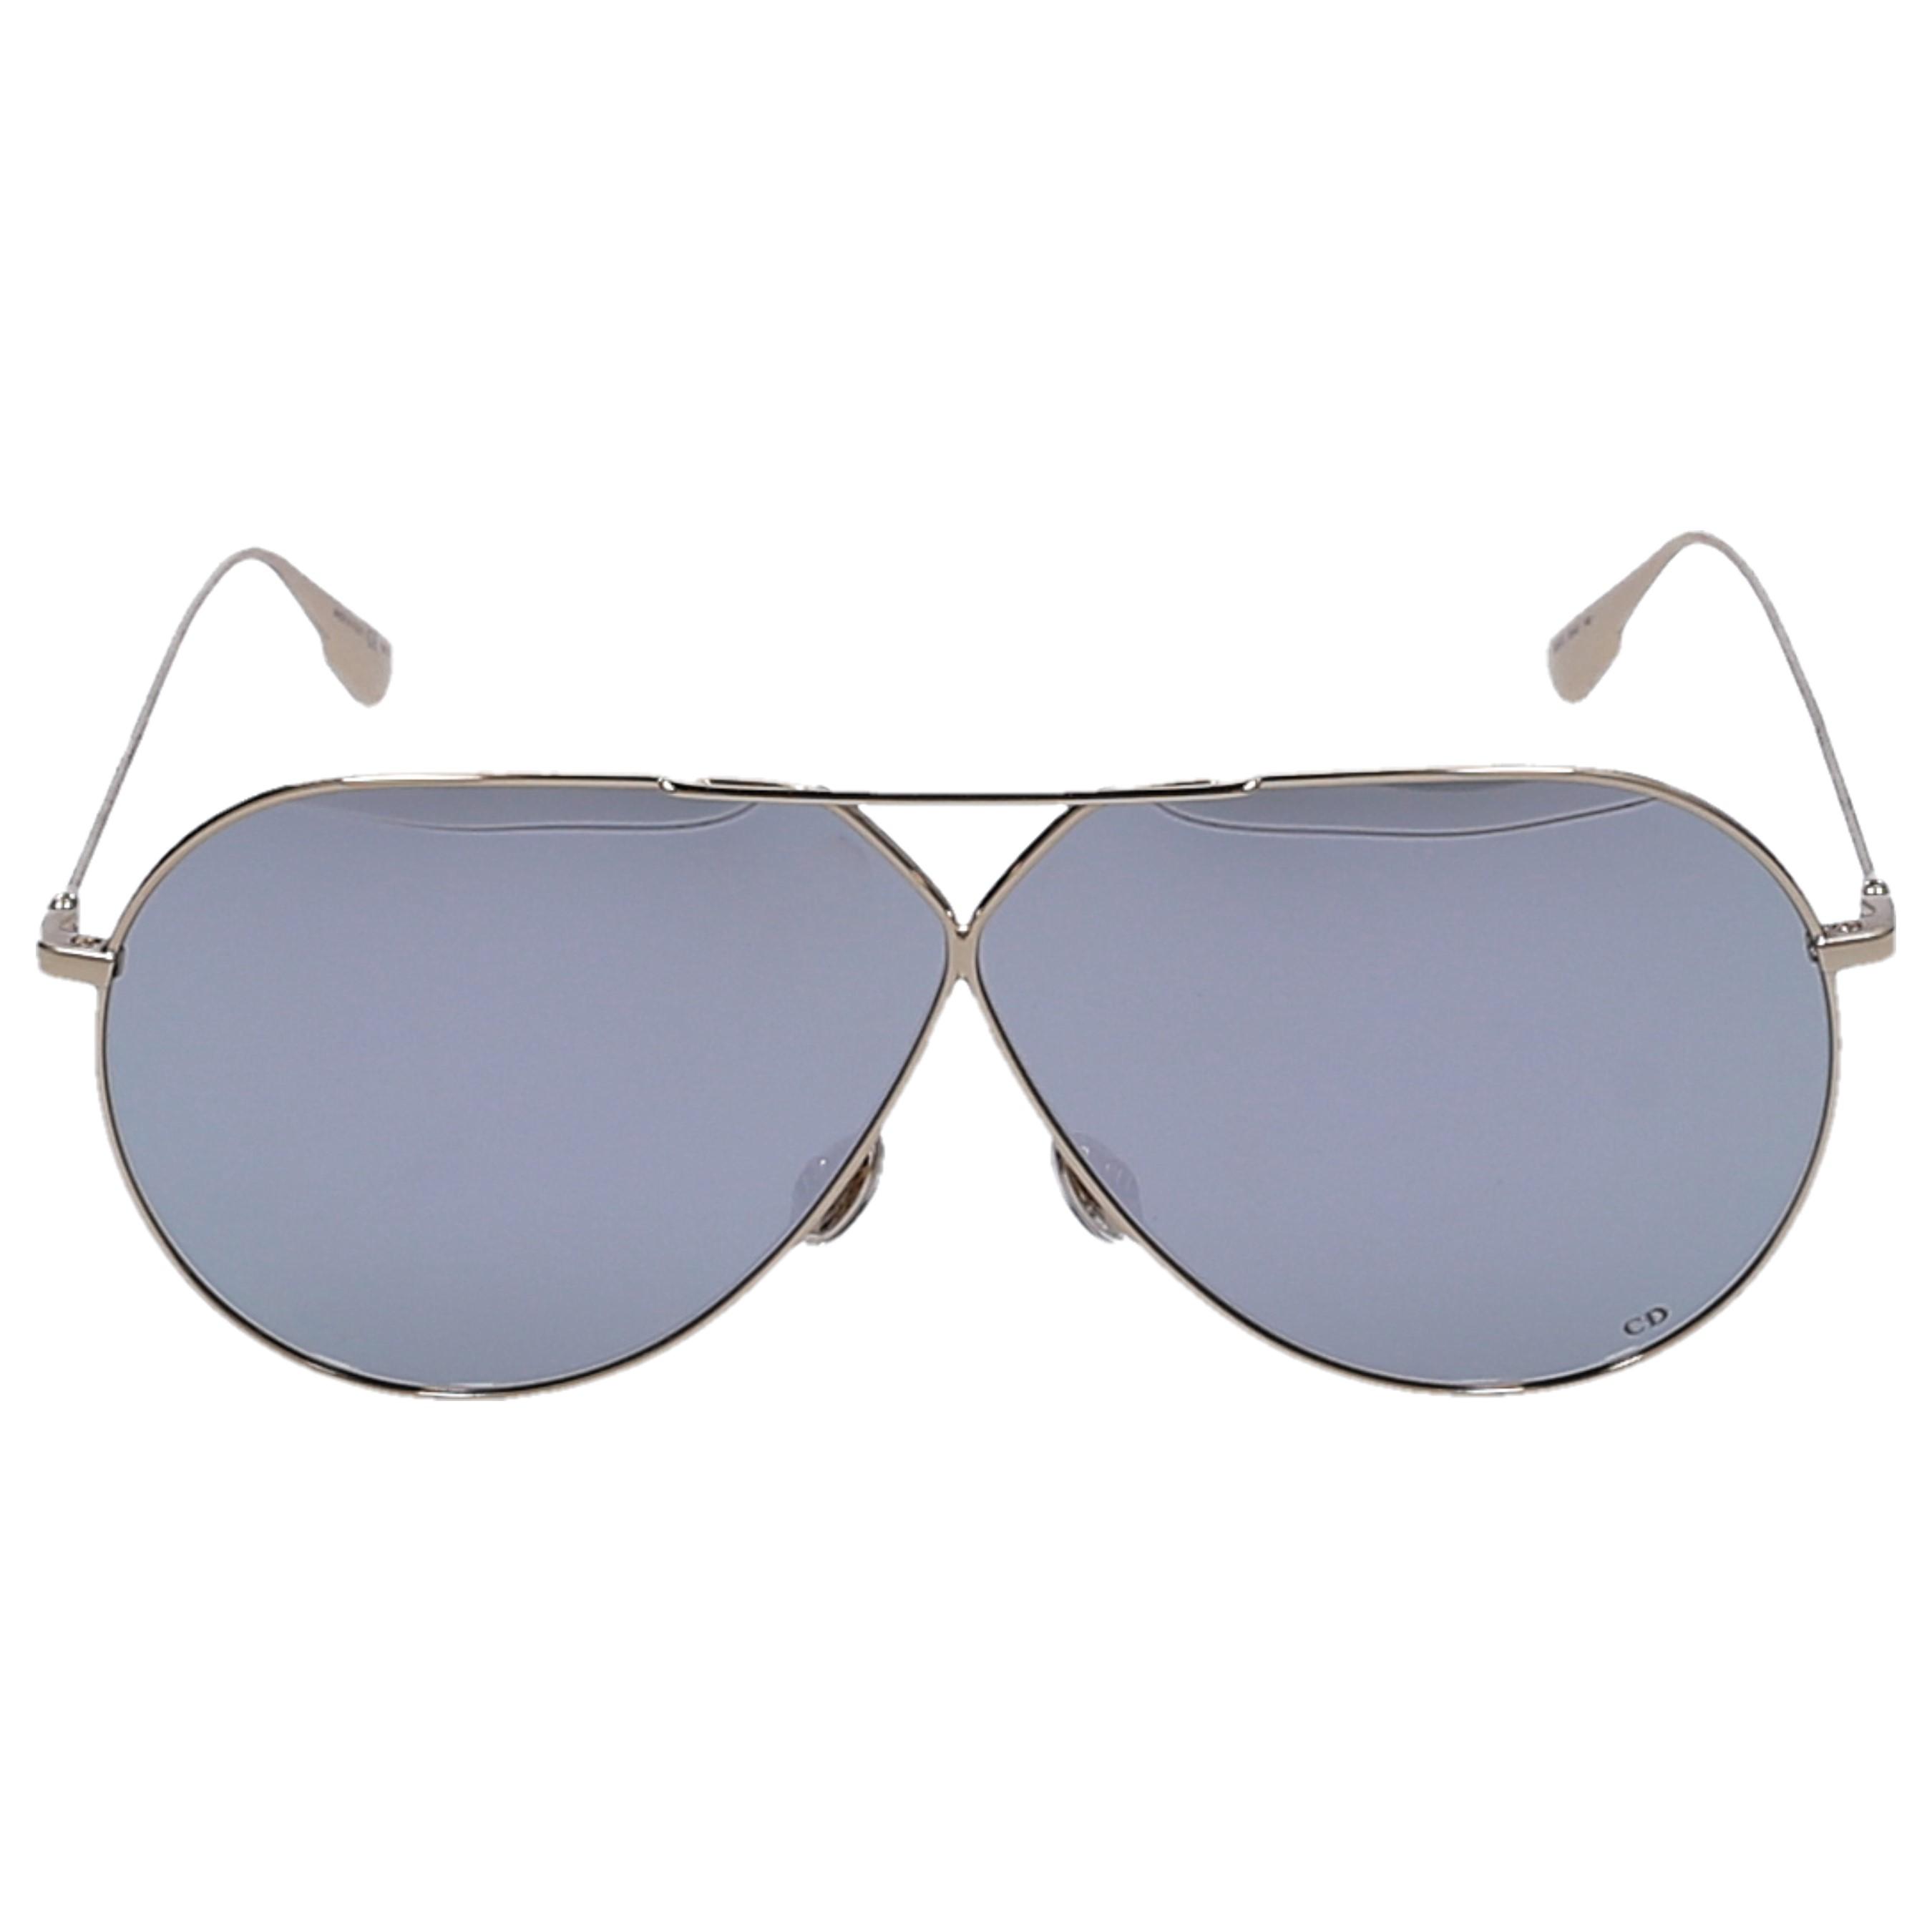 Dior Sonnenbrille Aviator STEL3 5JCDC Metall gold